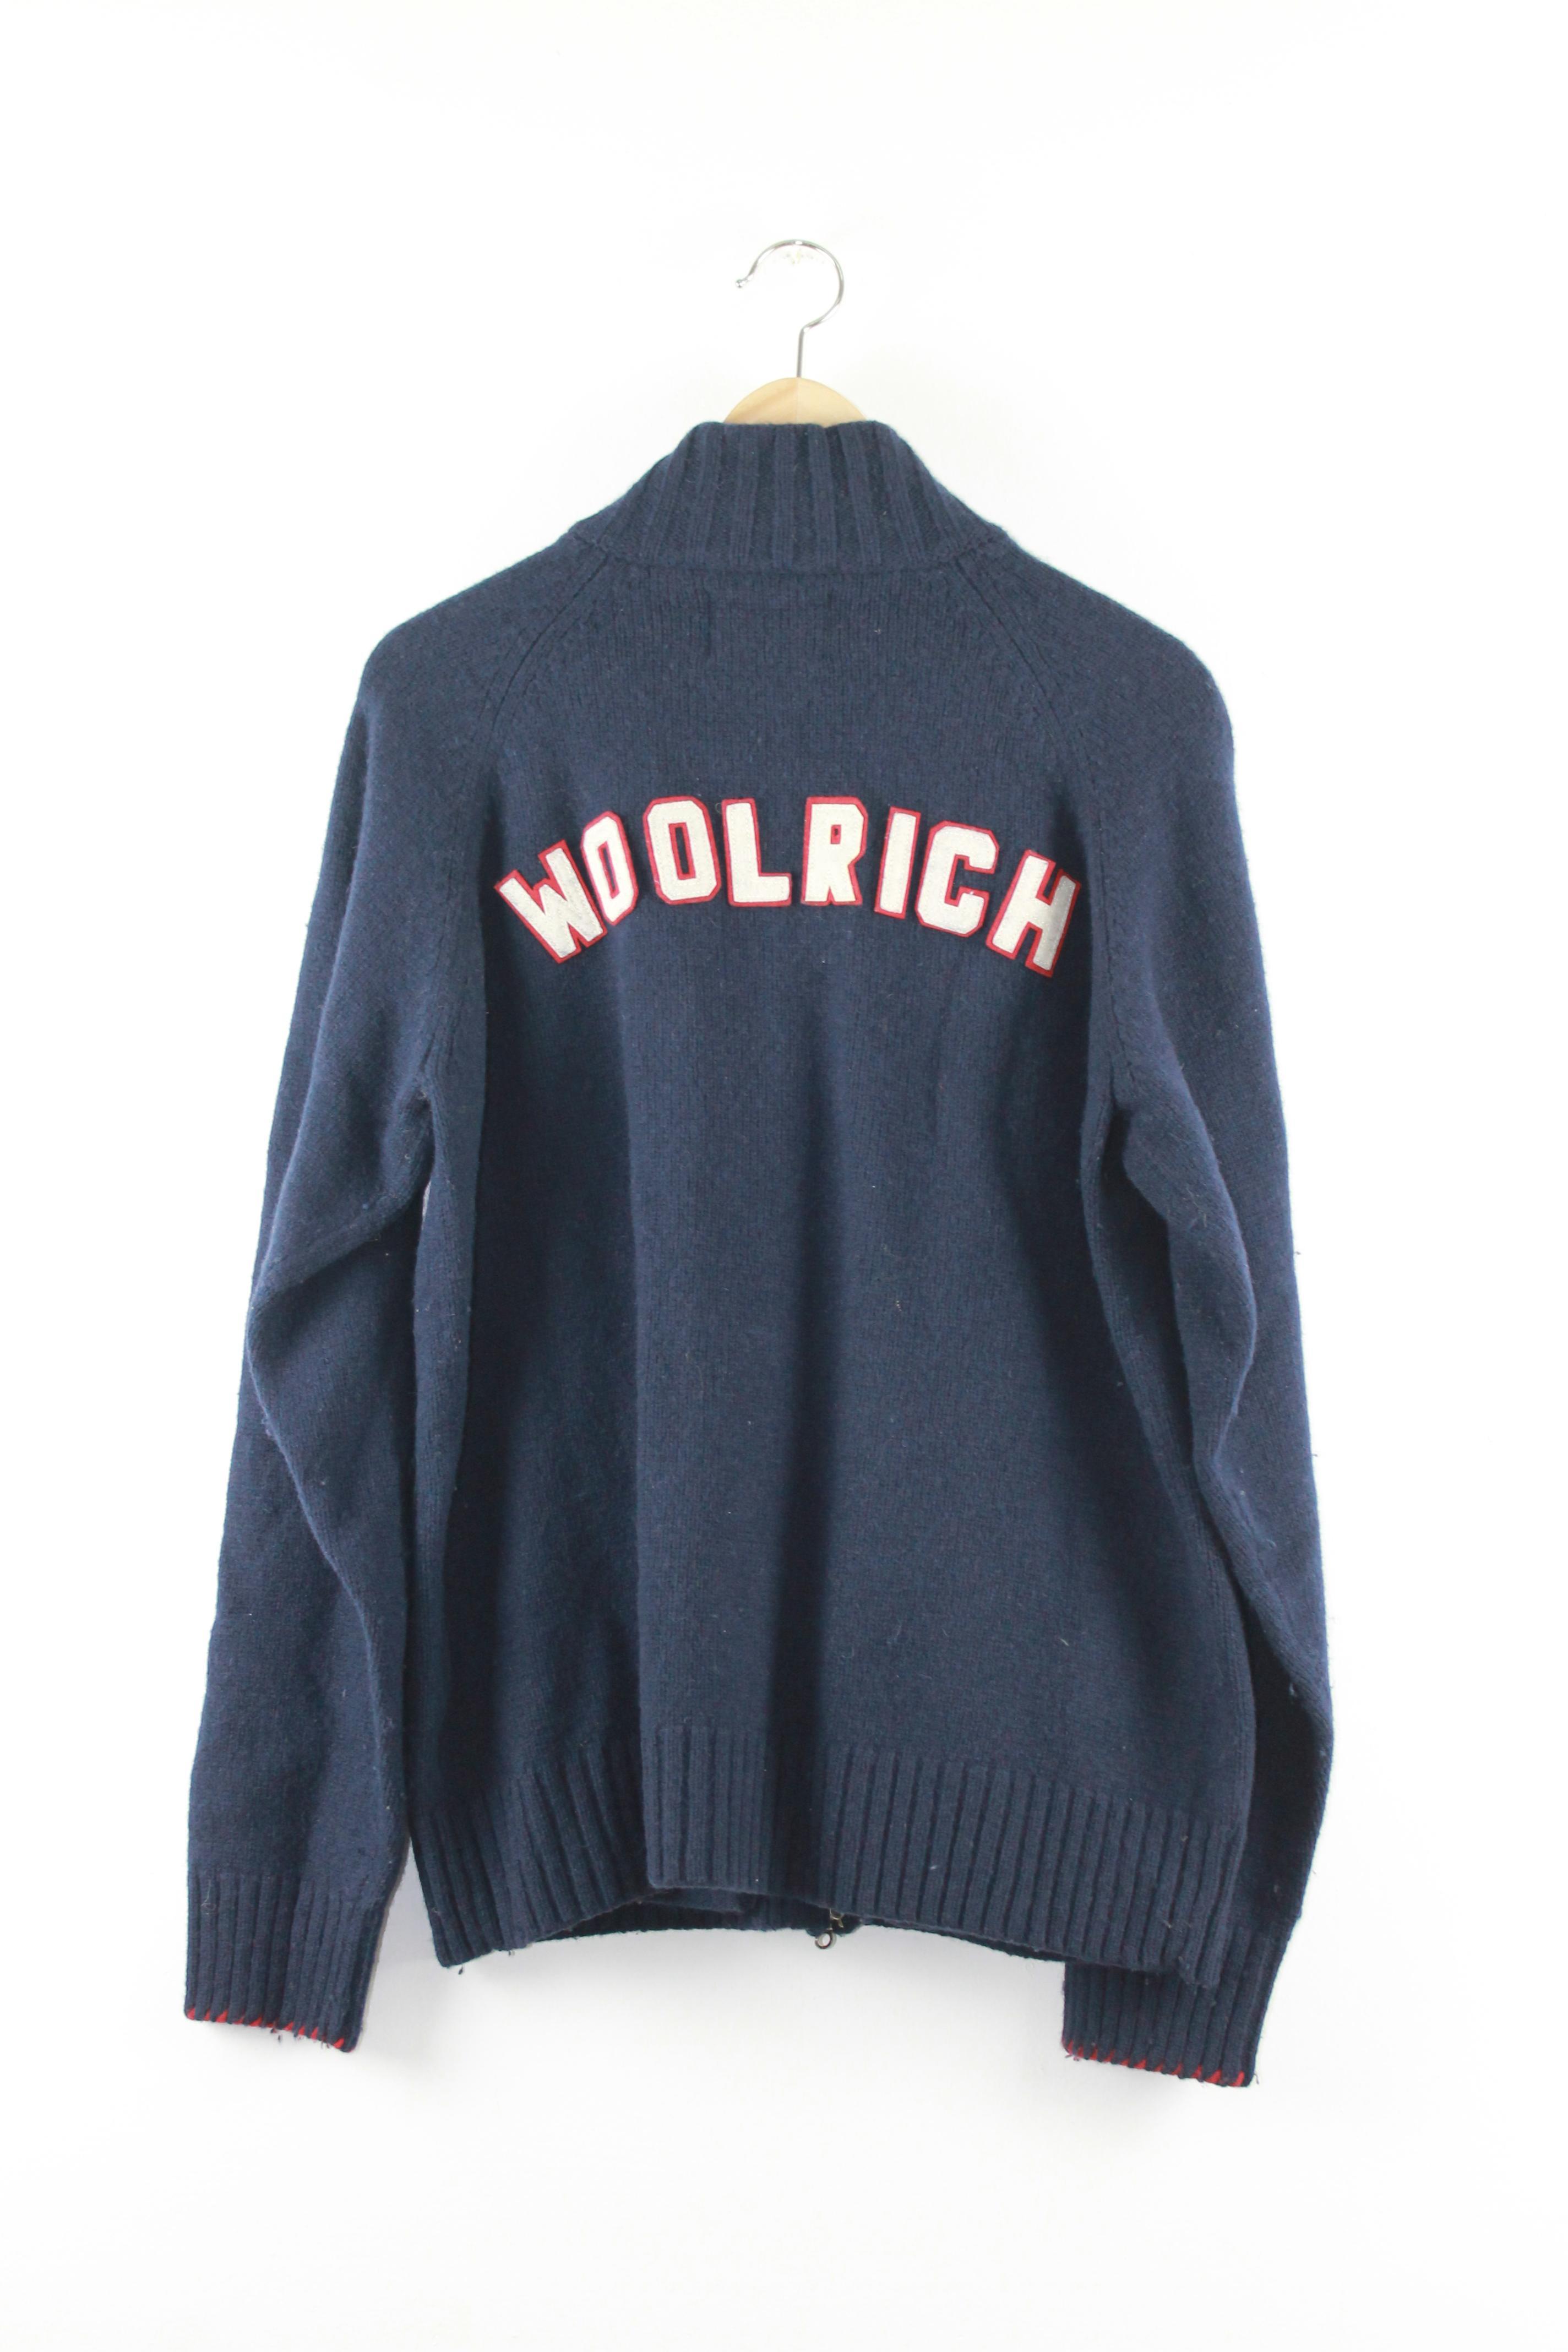 Woolrich - Cardigan